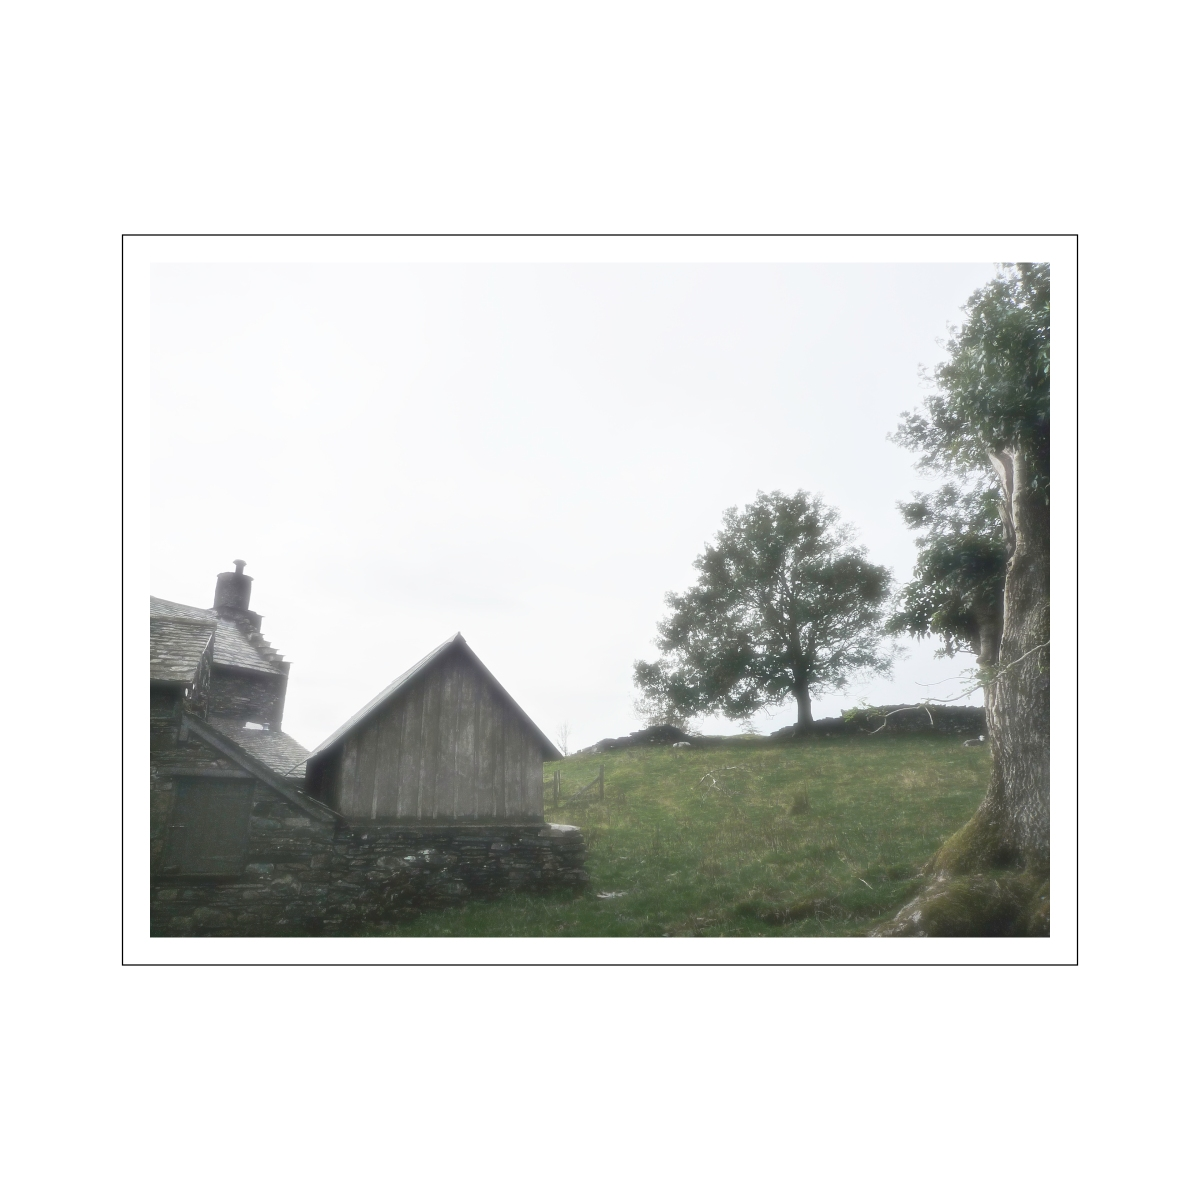 farmhouse in the mist 16x16